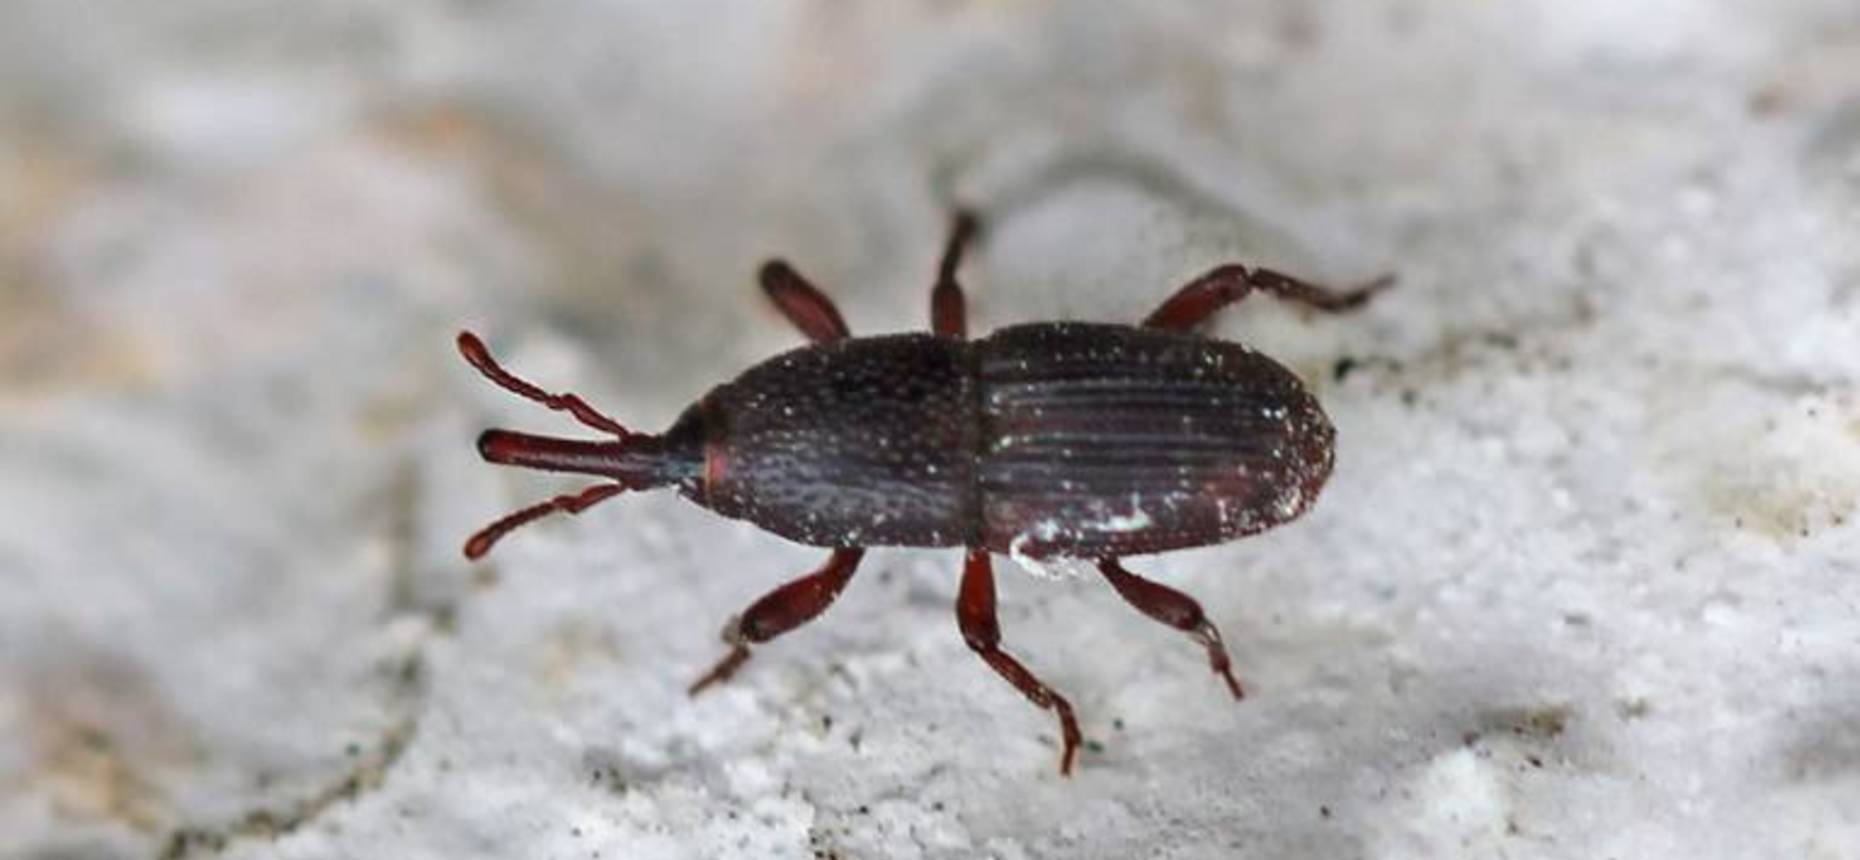 Амбарный долгоносик - Sitophilus granarium L.